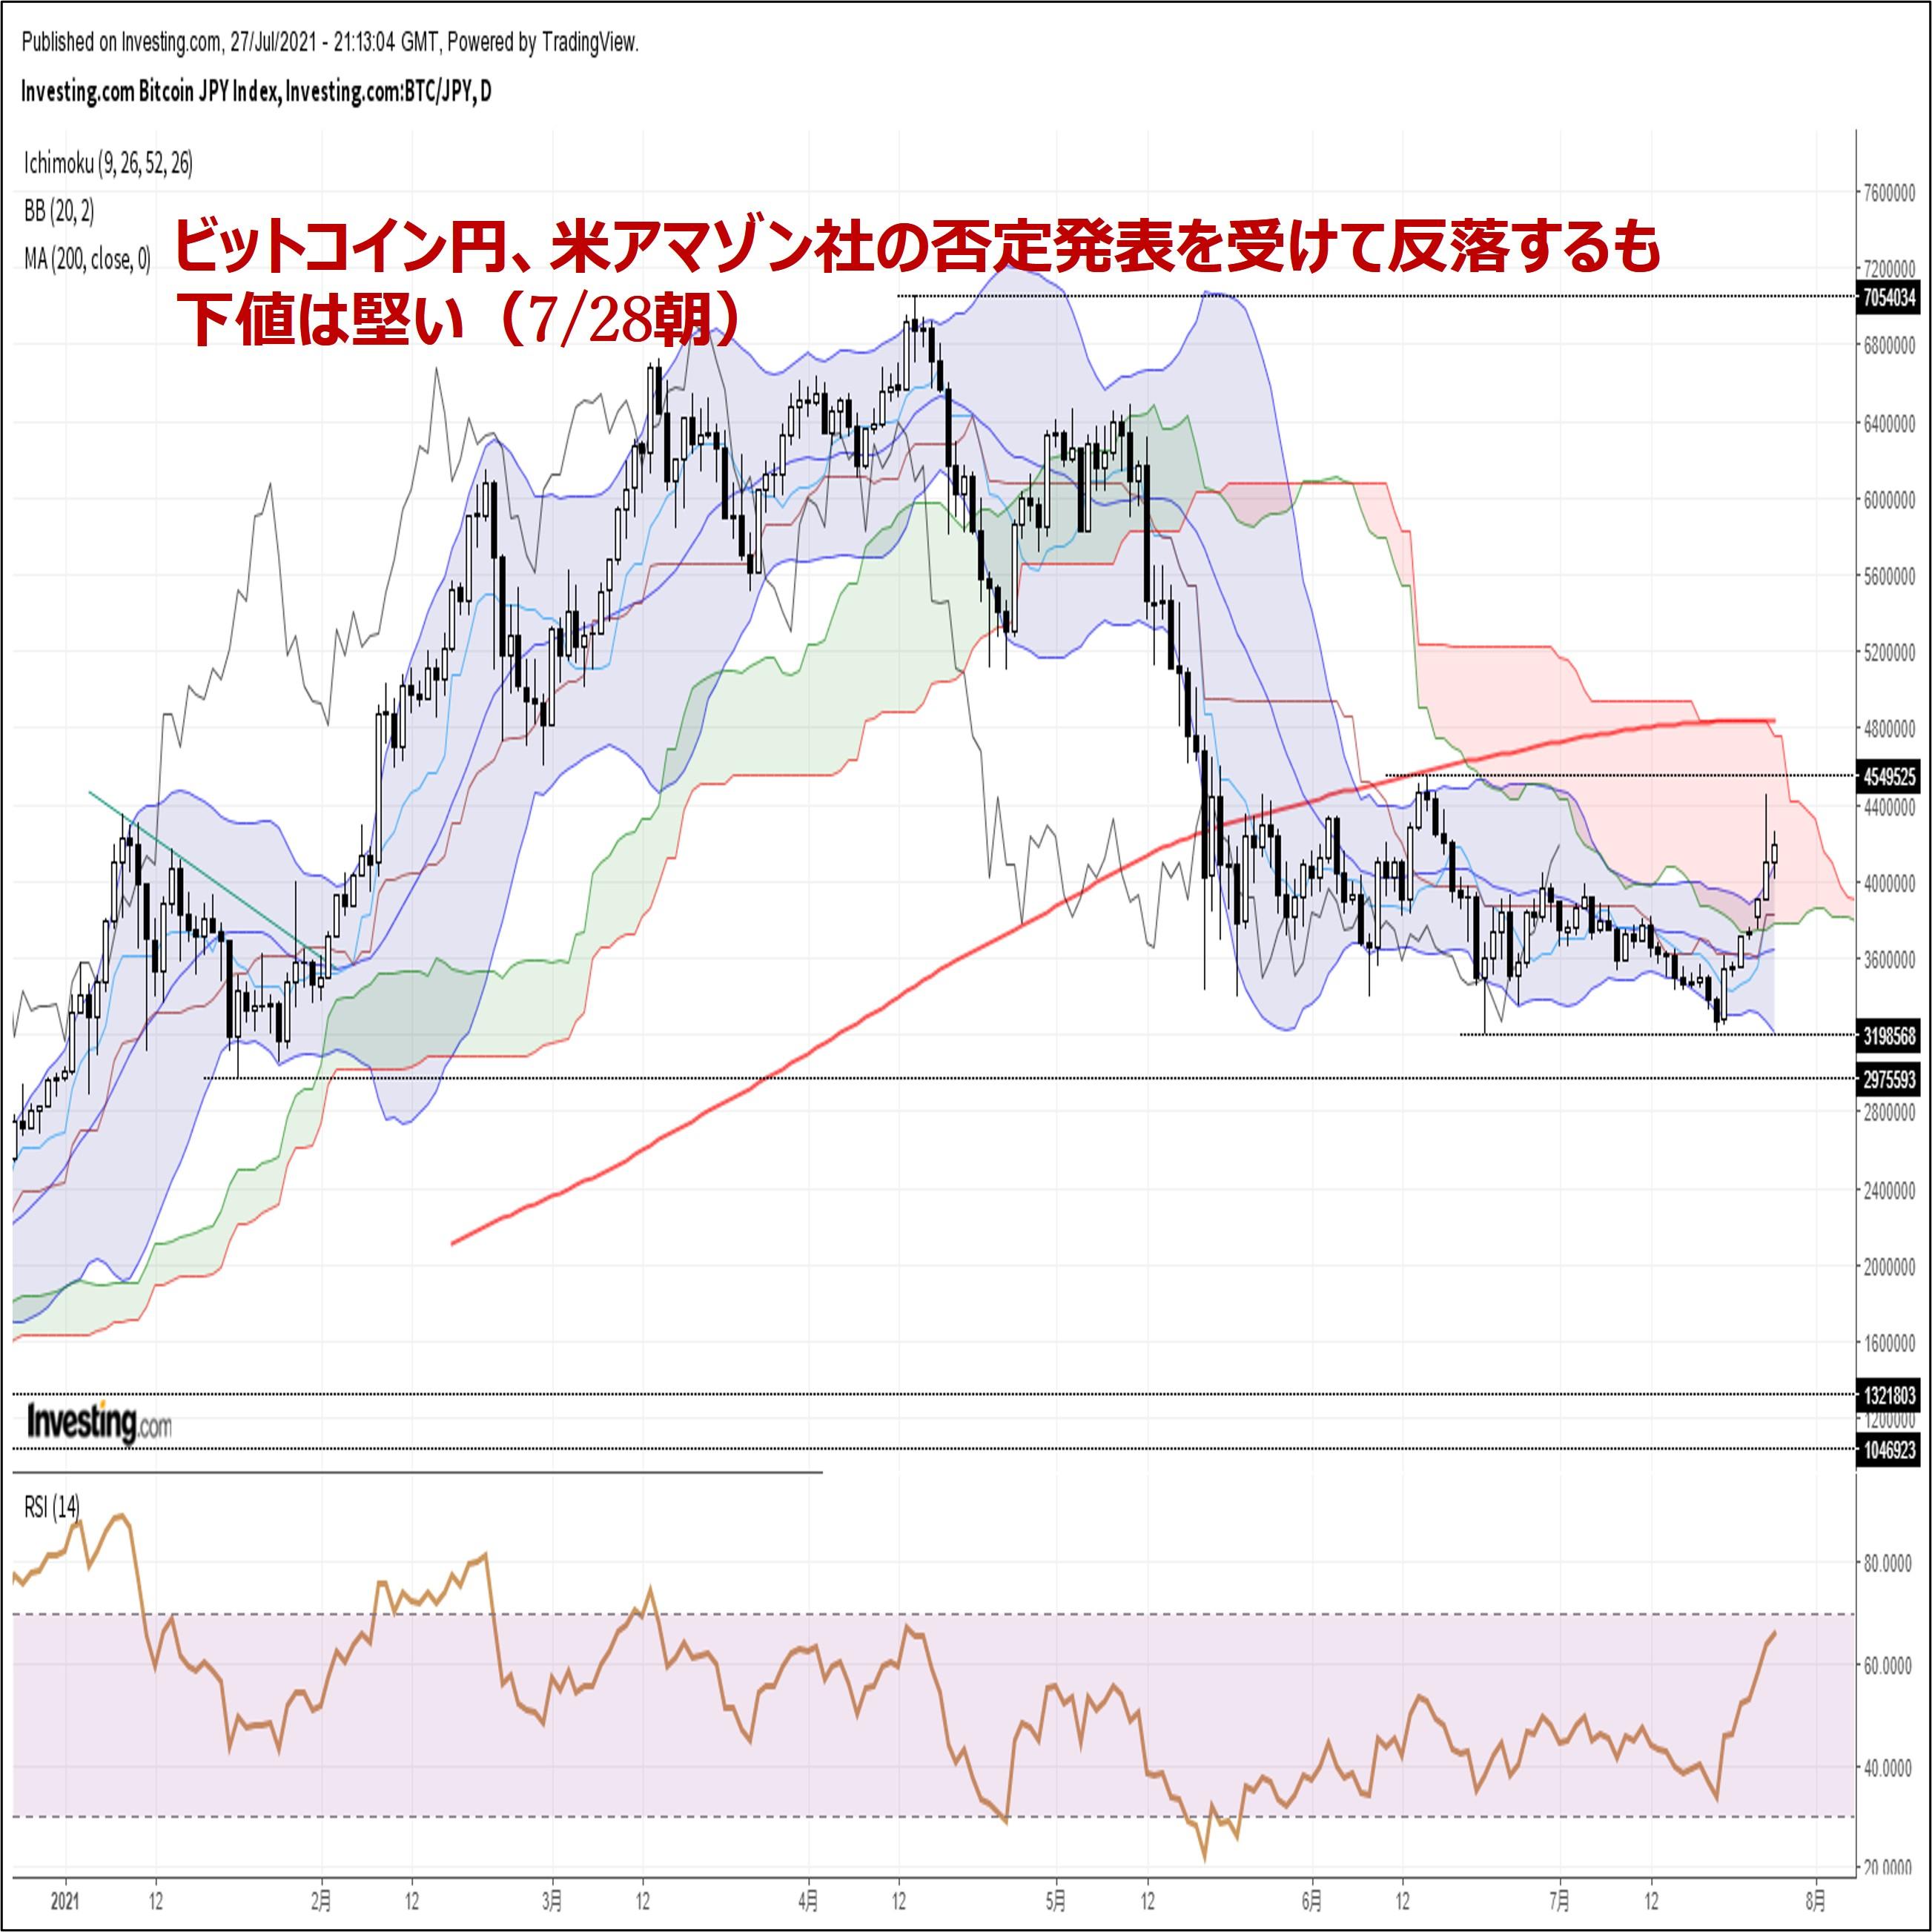 ビットコイン円、米アマゾン社の否定報道にも係わらず下値は堅い(7/28朝)